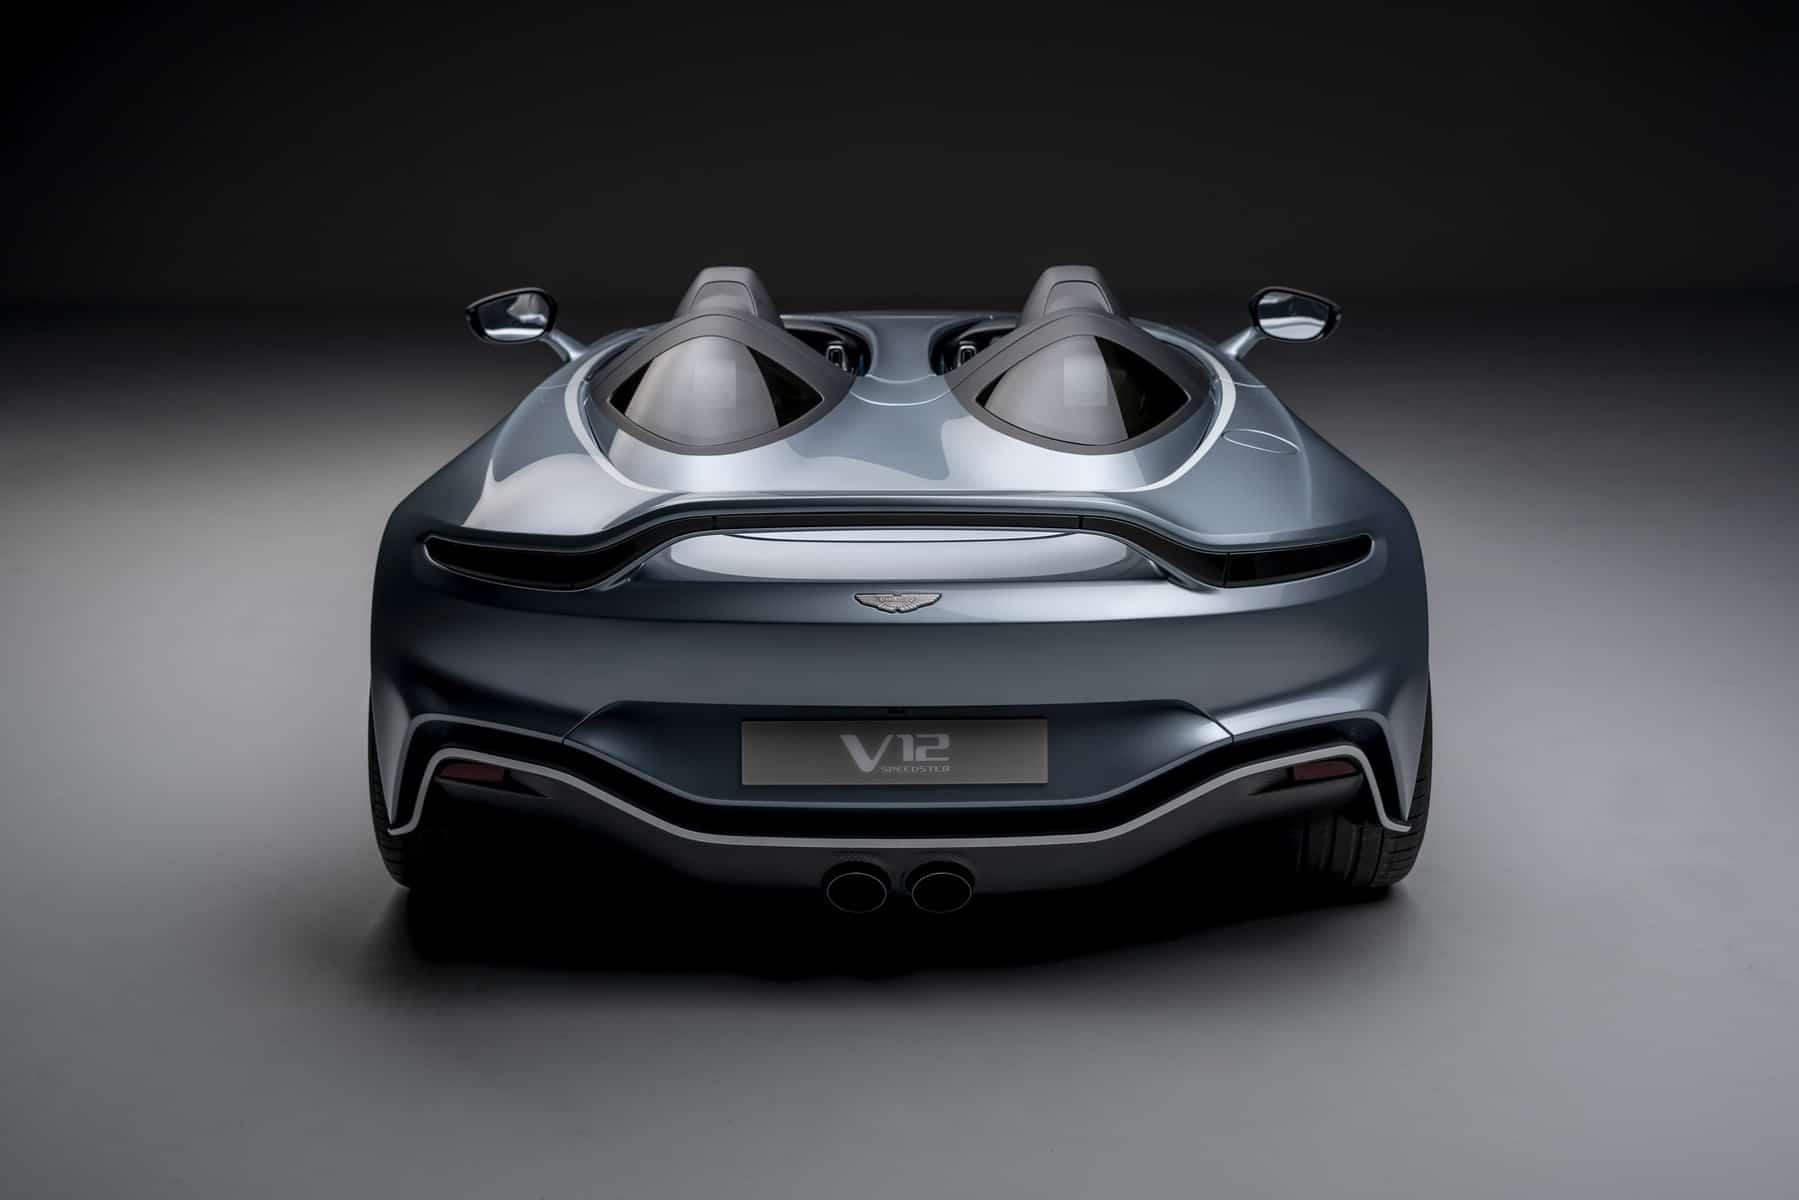 Aston Martin V12 Speedster 5